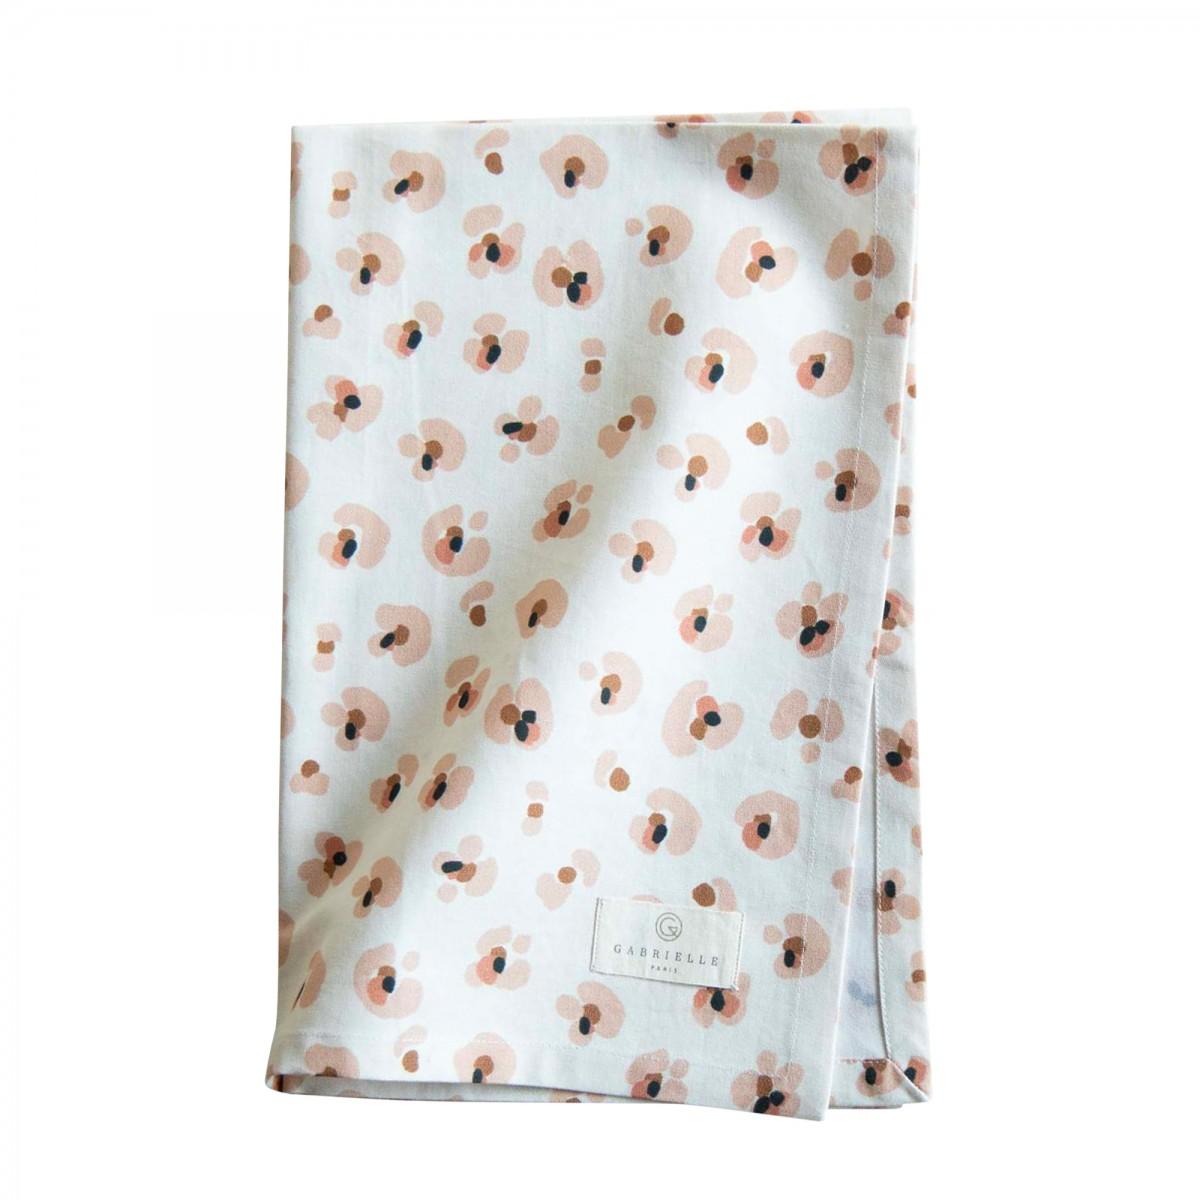 Torchon en coton imprimé léopard crème